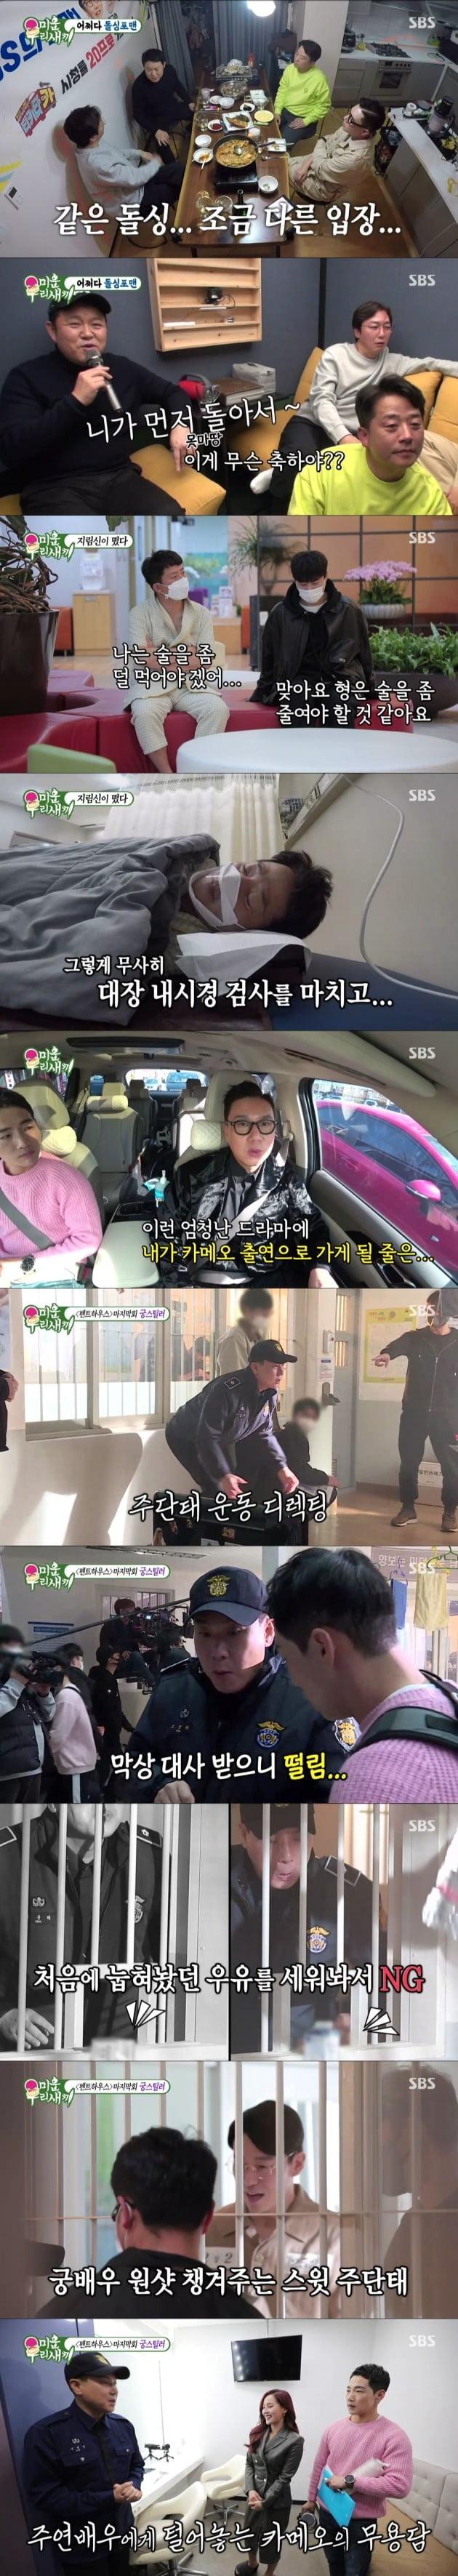 김구라, 이상민, 김준호는 예능 고정 MC가 된 탁재훈을 축하하기 위해 모였다. / 사진=SBS '미운 우리 새끼' 방송 캡처